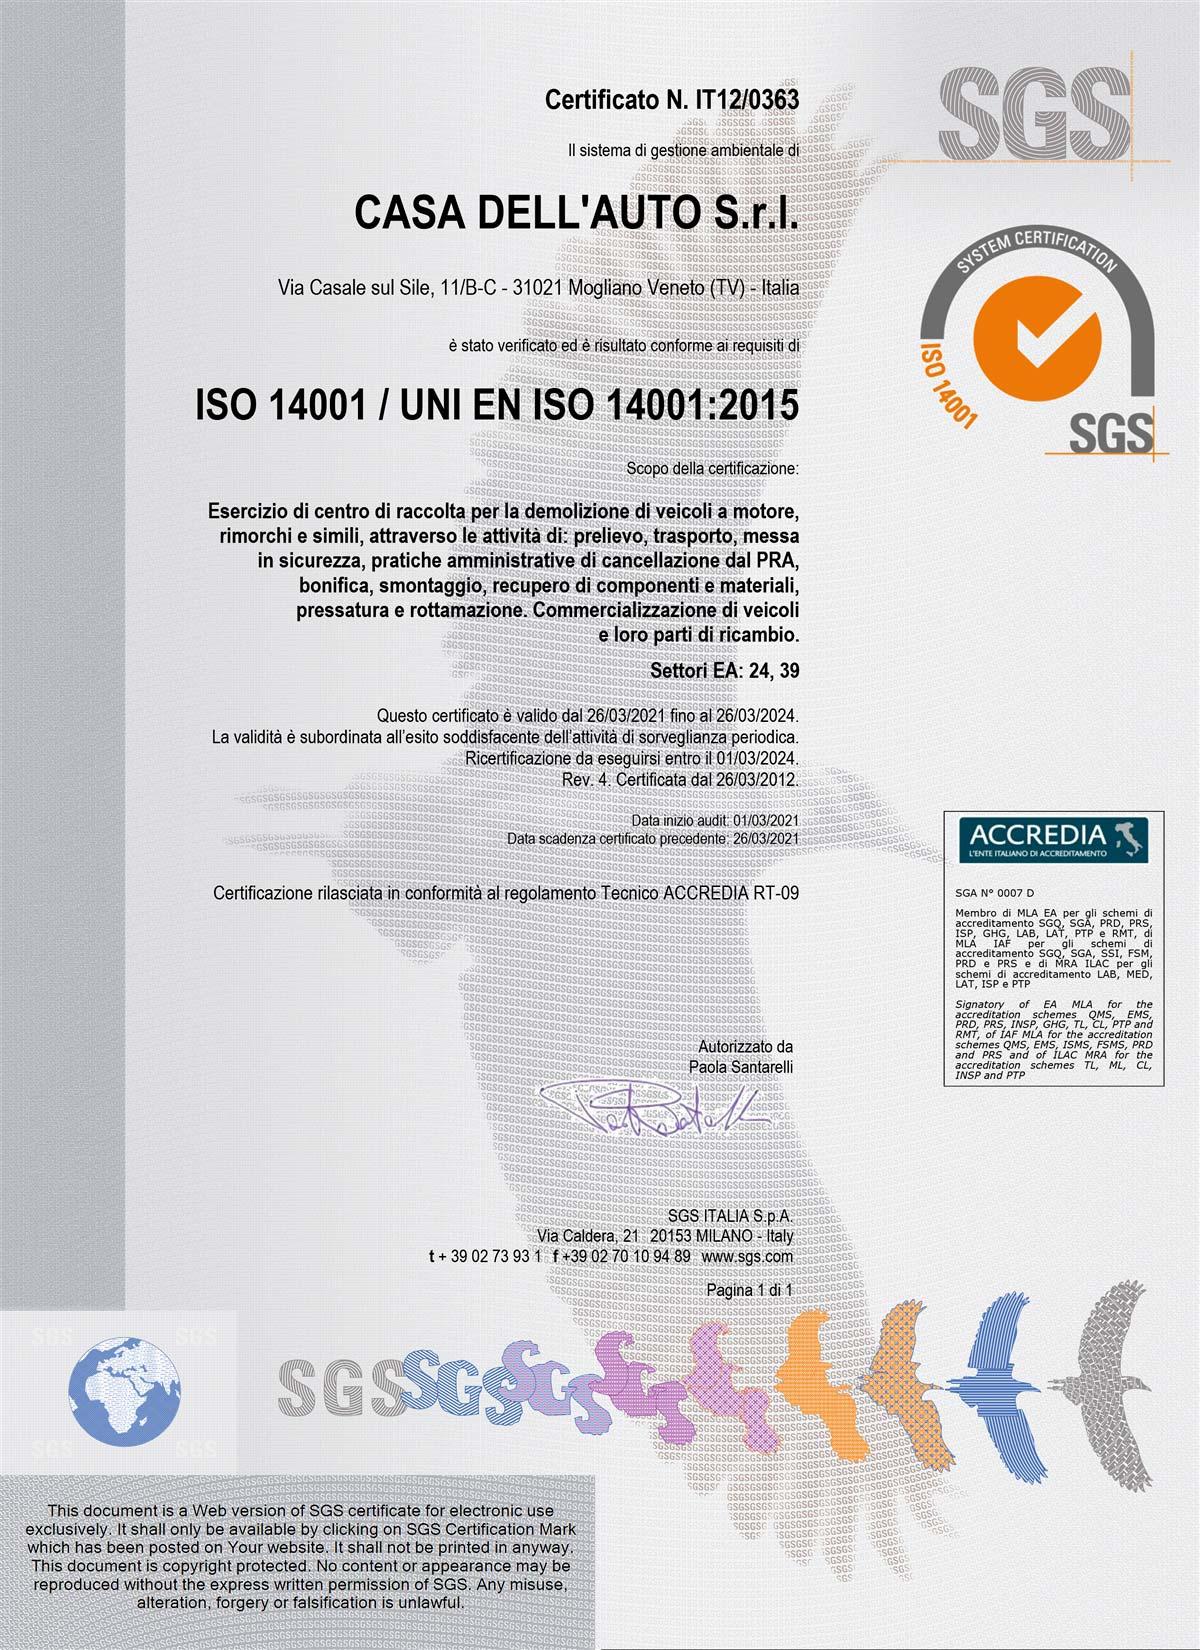 Casa-dell-auto-srl-certificazione-ISO-14001-2015_anno-2021-web